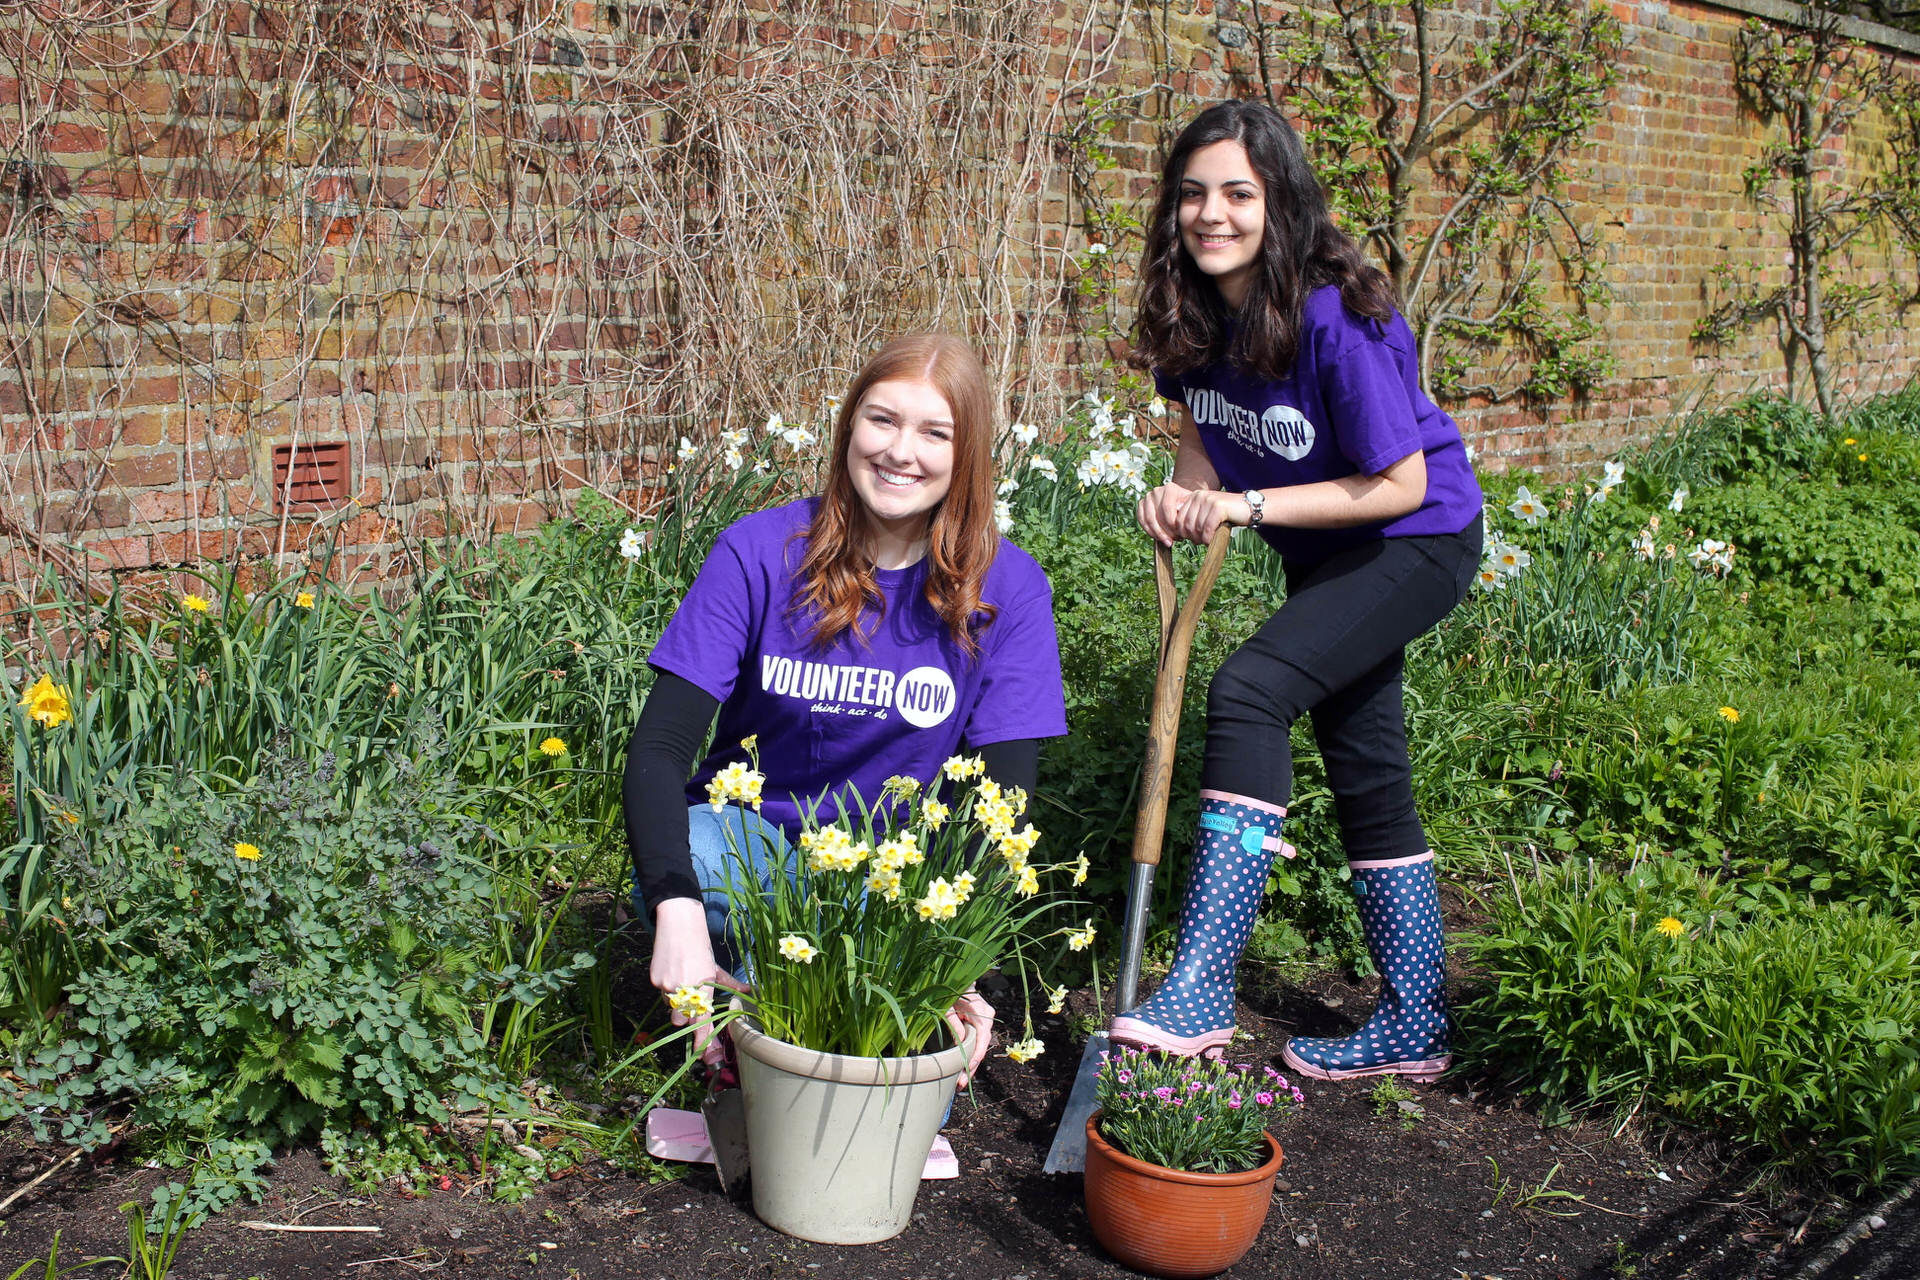 Youth Volunteering - Volunteer Now